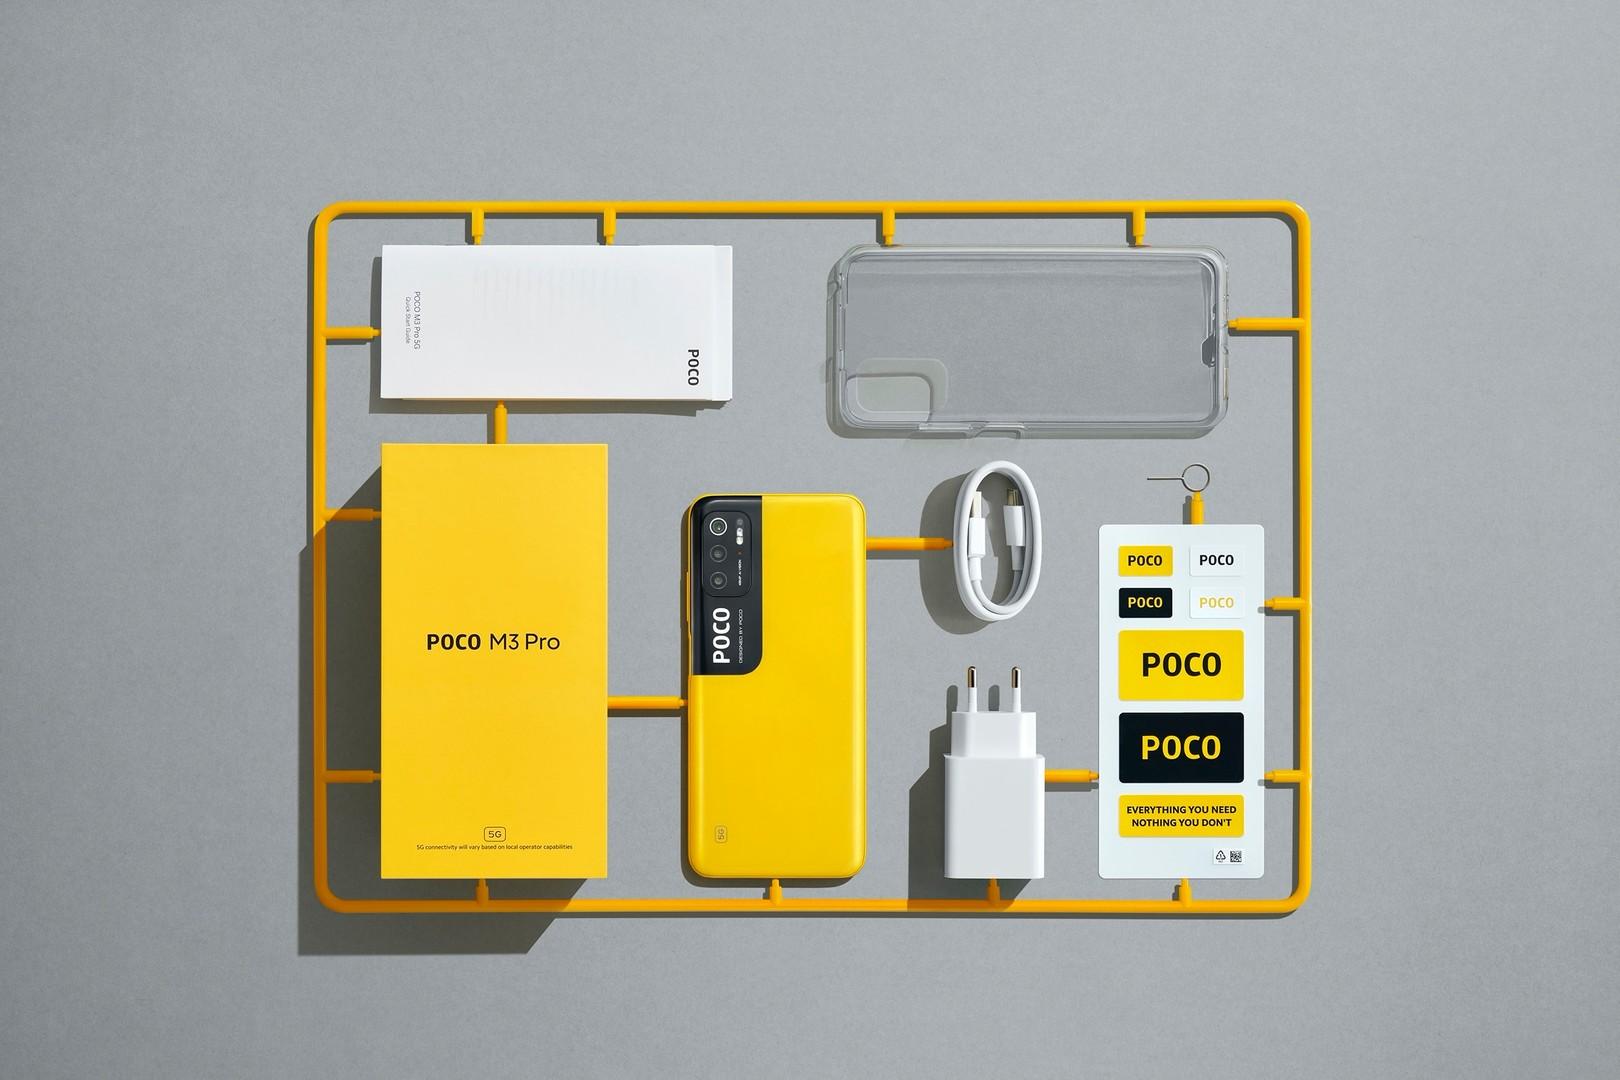 Nuovo POCO M3 Pro, smartphone 5G a 150 euro